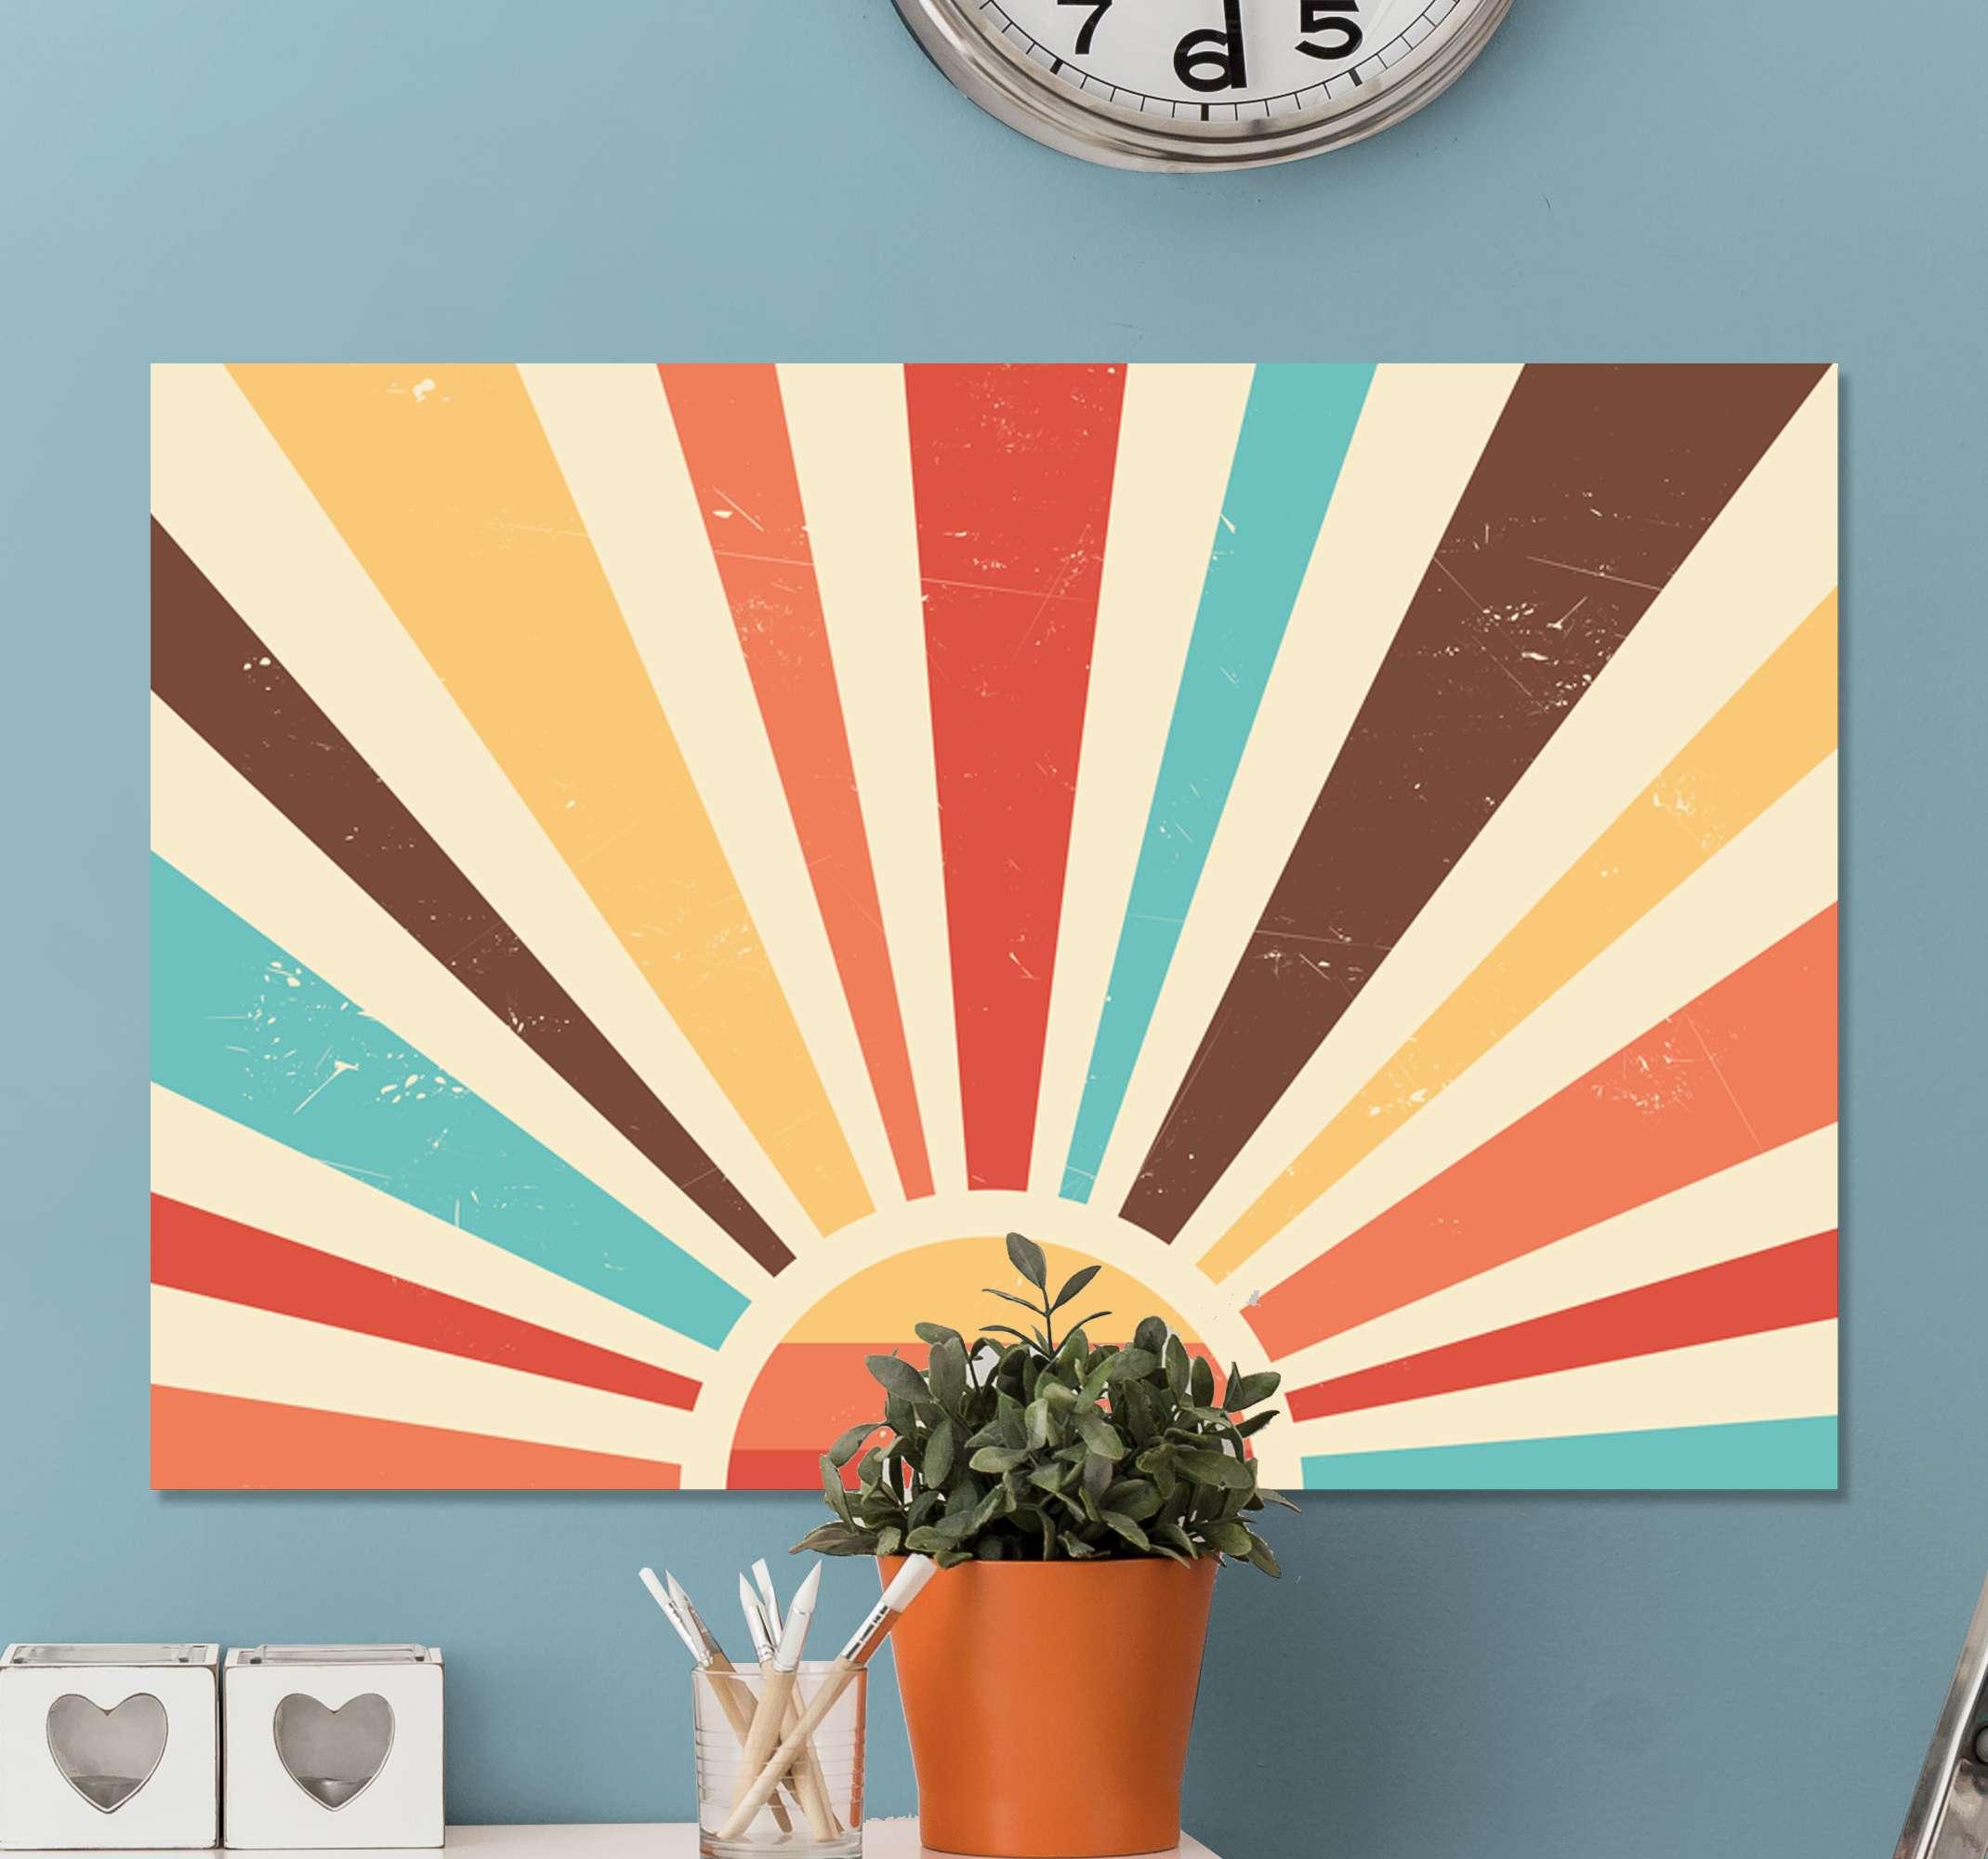 TenStickers. Abstrakt vintage solnedgang 70'erne lærred væg kunst. Dejligt landskab lærred væg kunst med design, der illustrerer solbrydning i forskellige farve linjer. Egnet lærred til hjemmet, til kontor, butik osv.